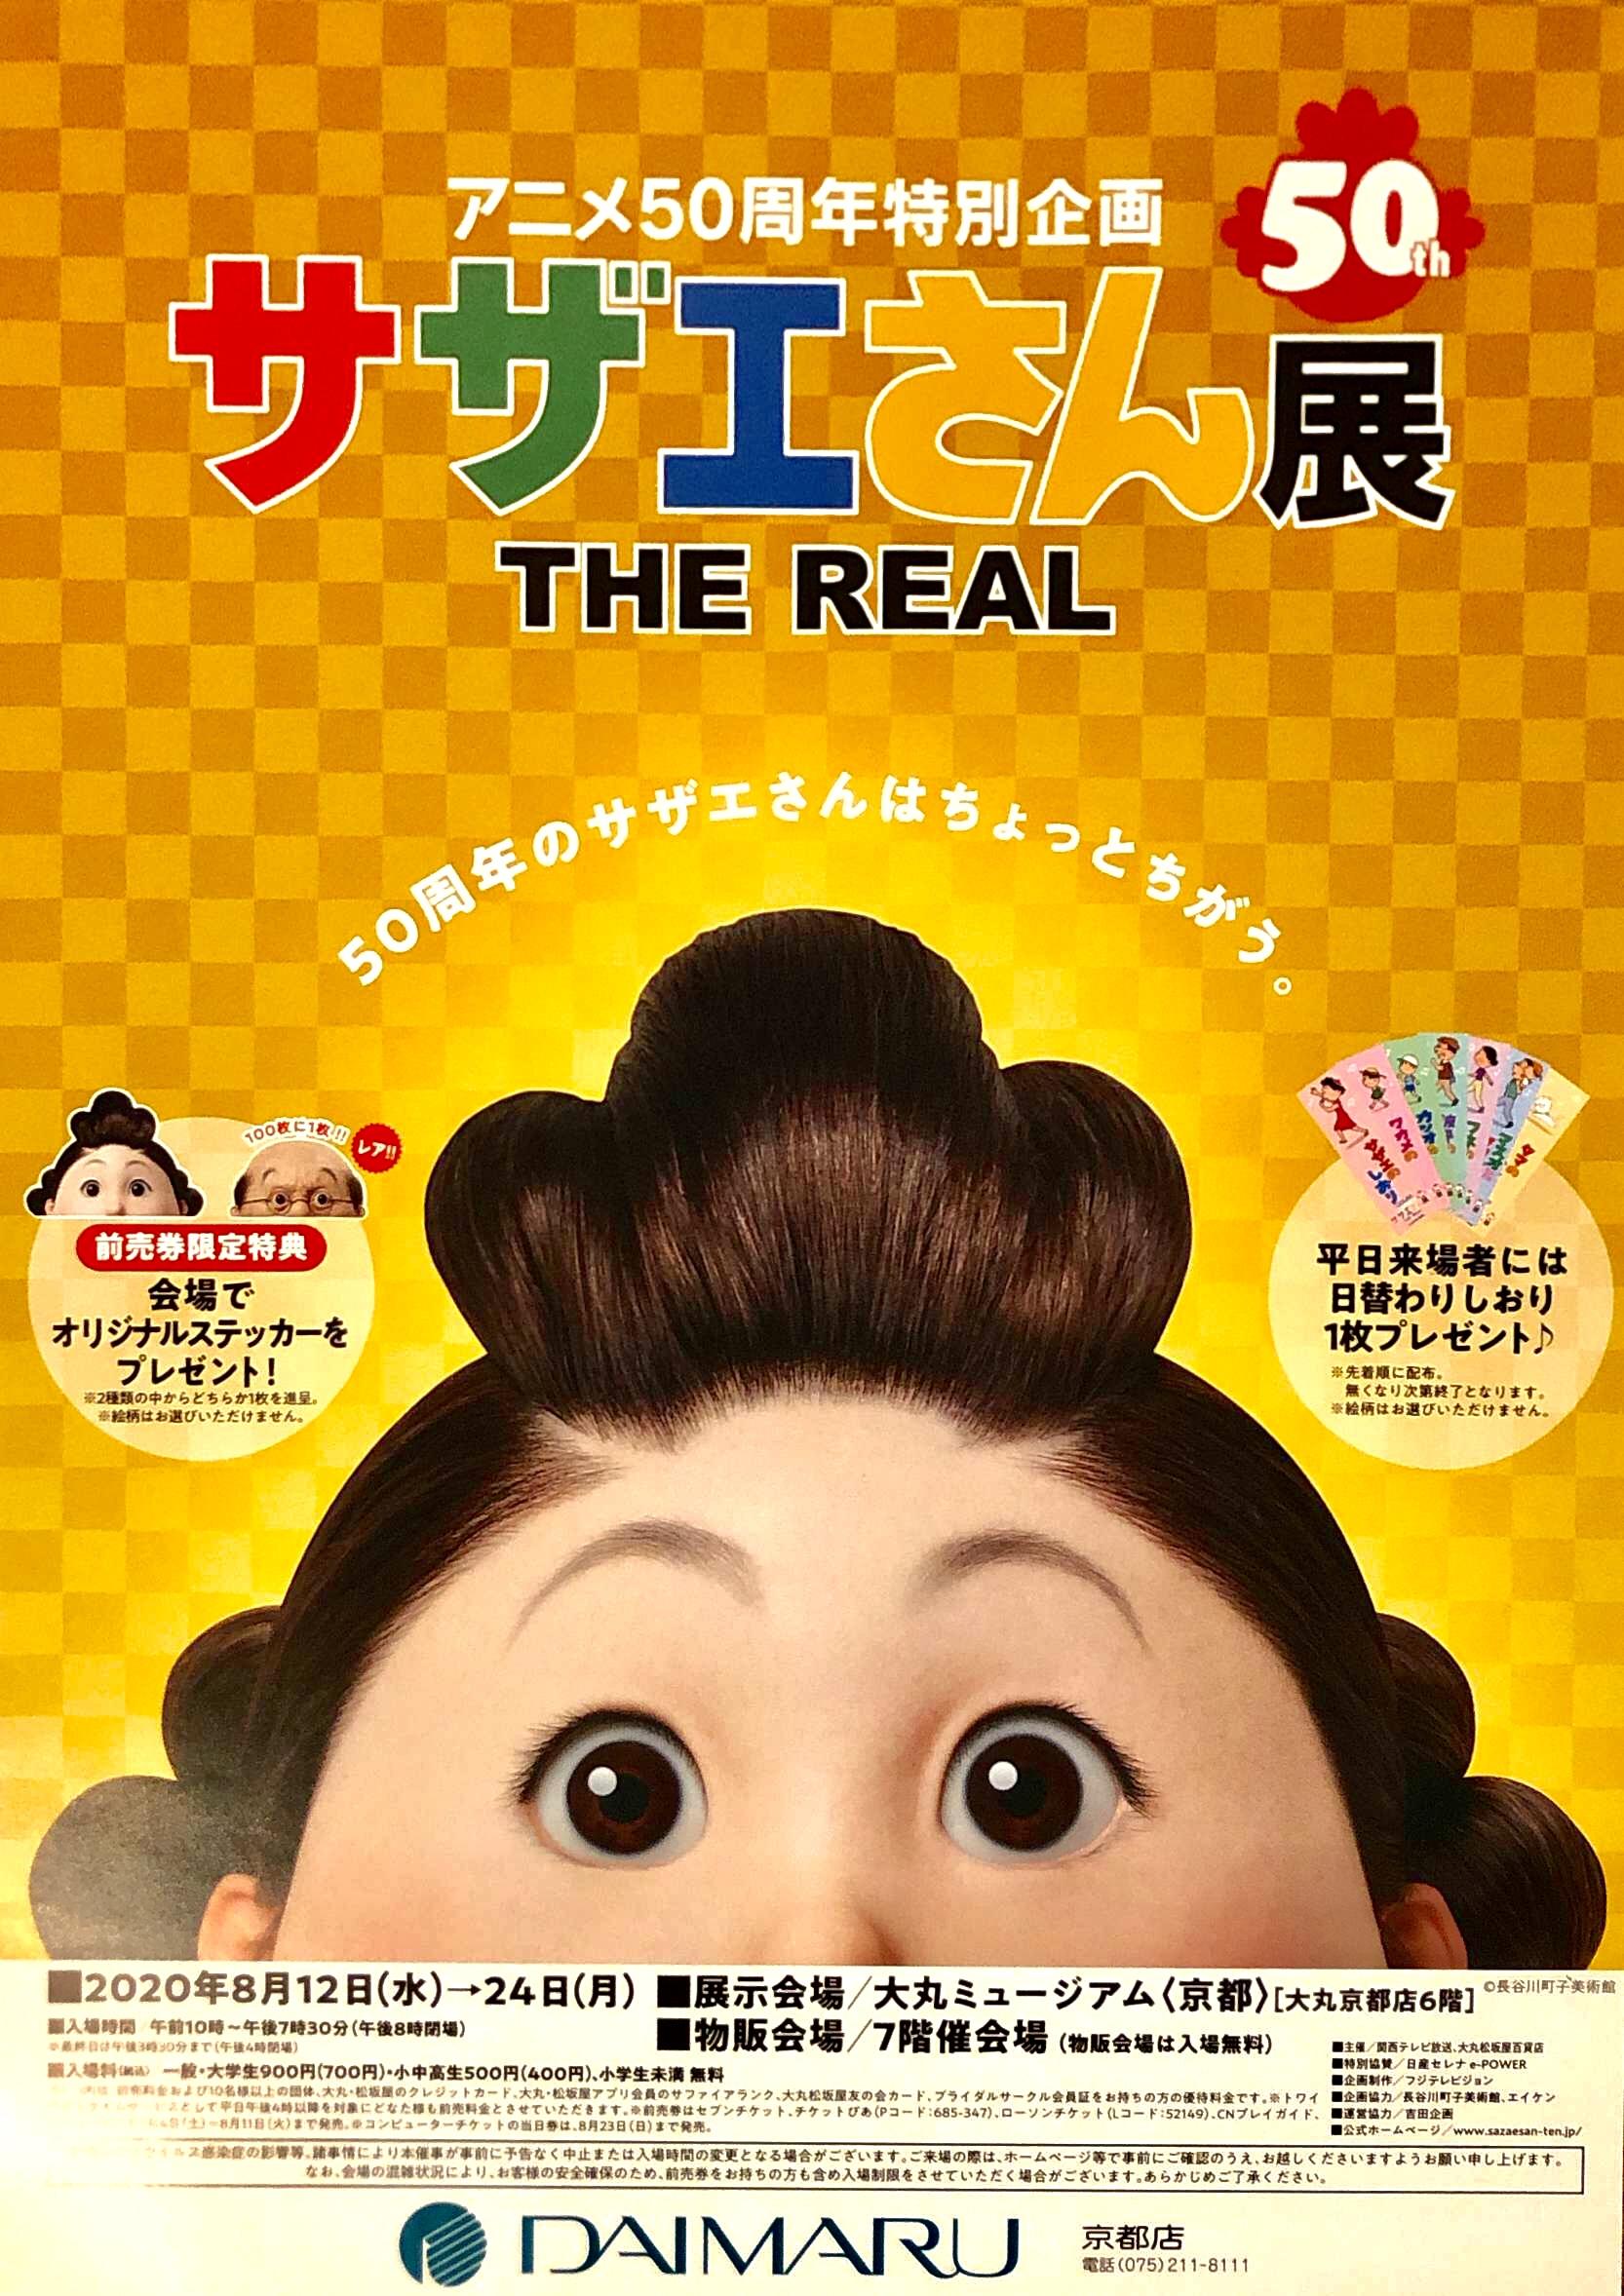 アニメ50周年特別企画 サザエさん展